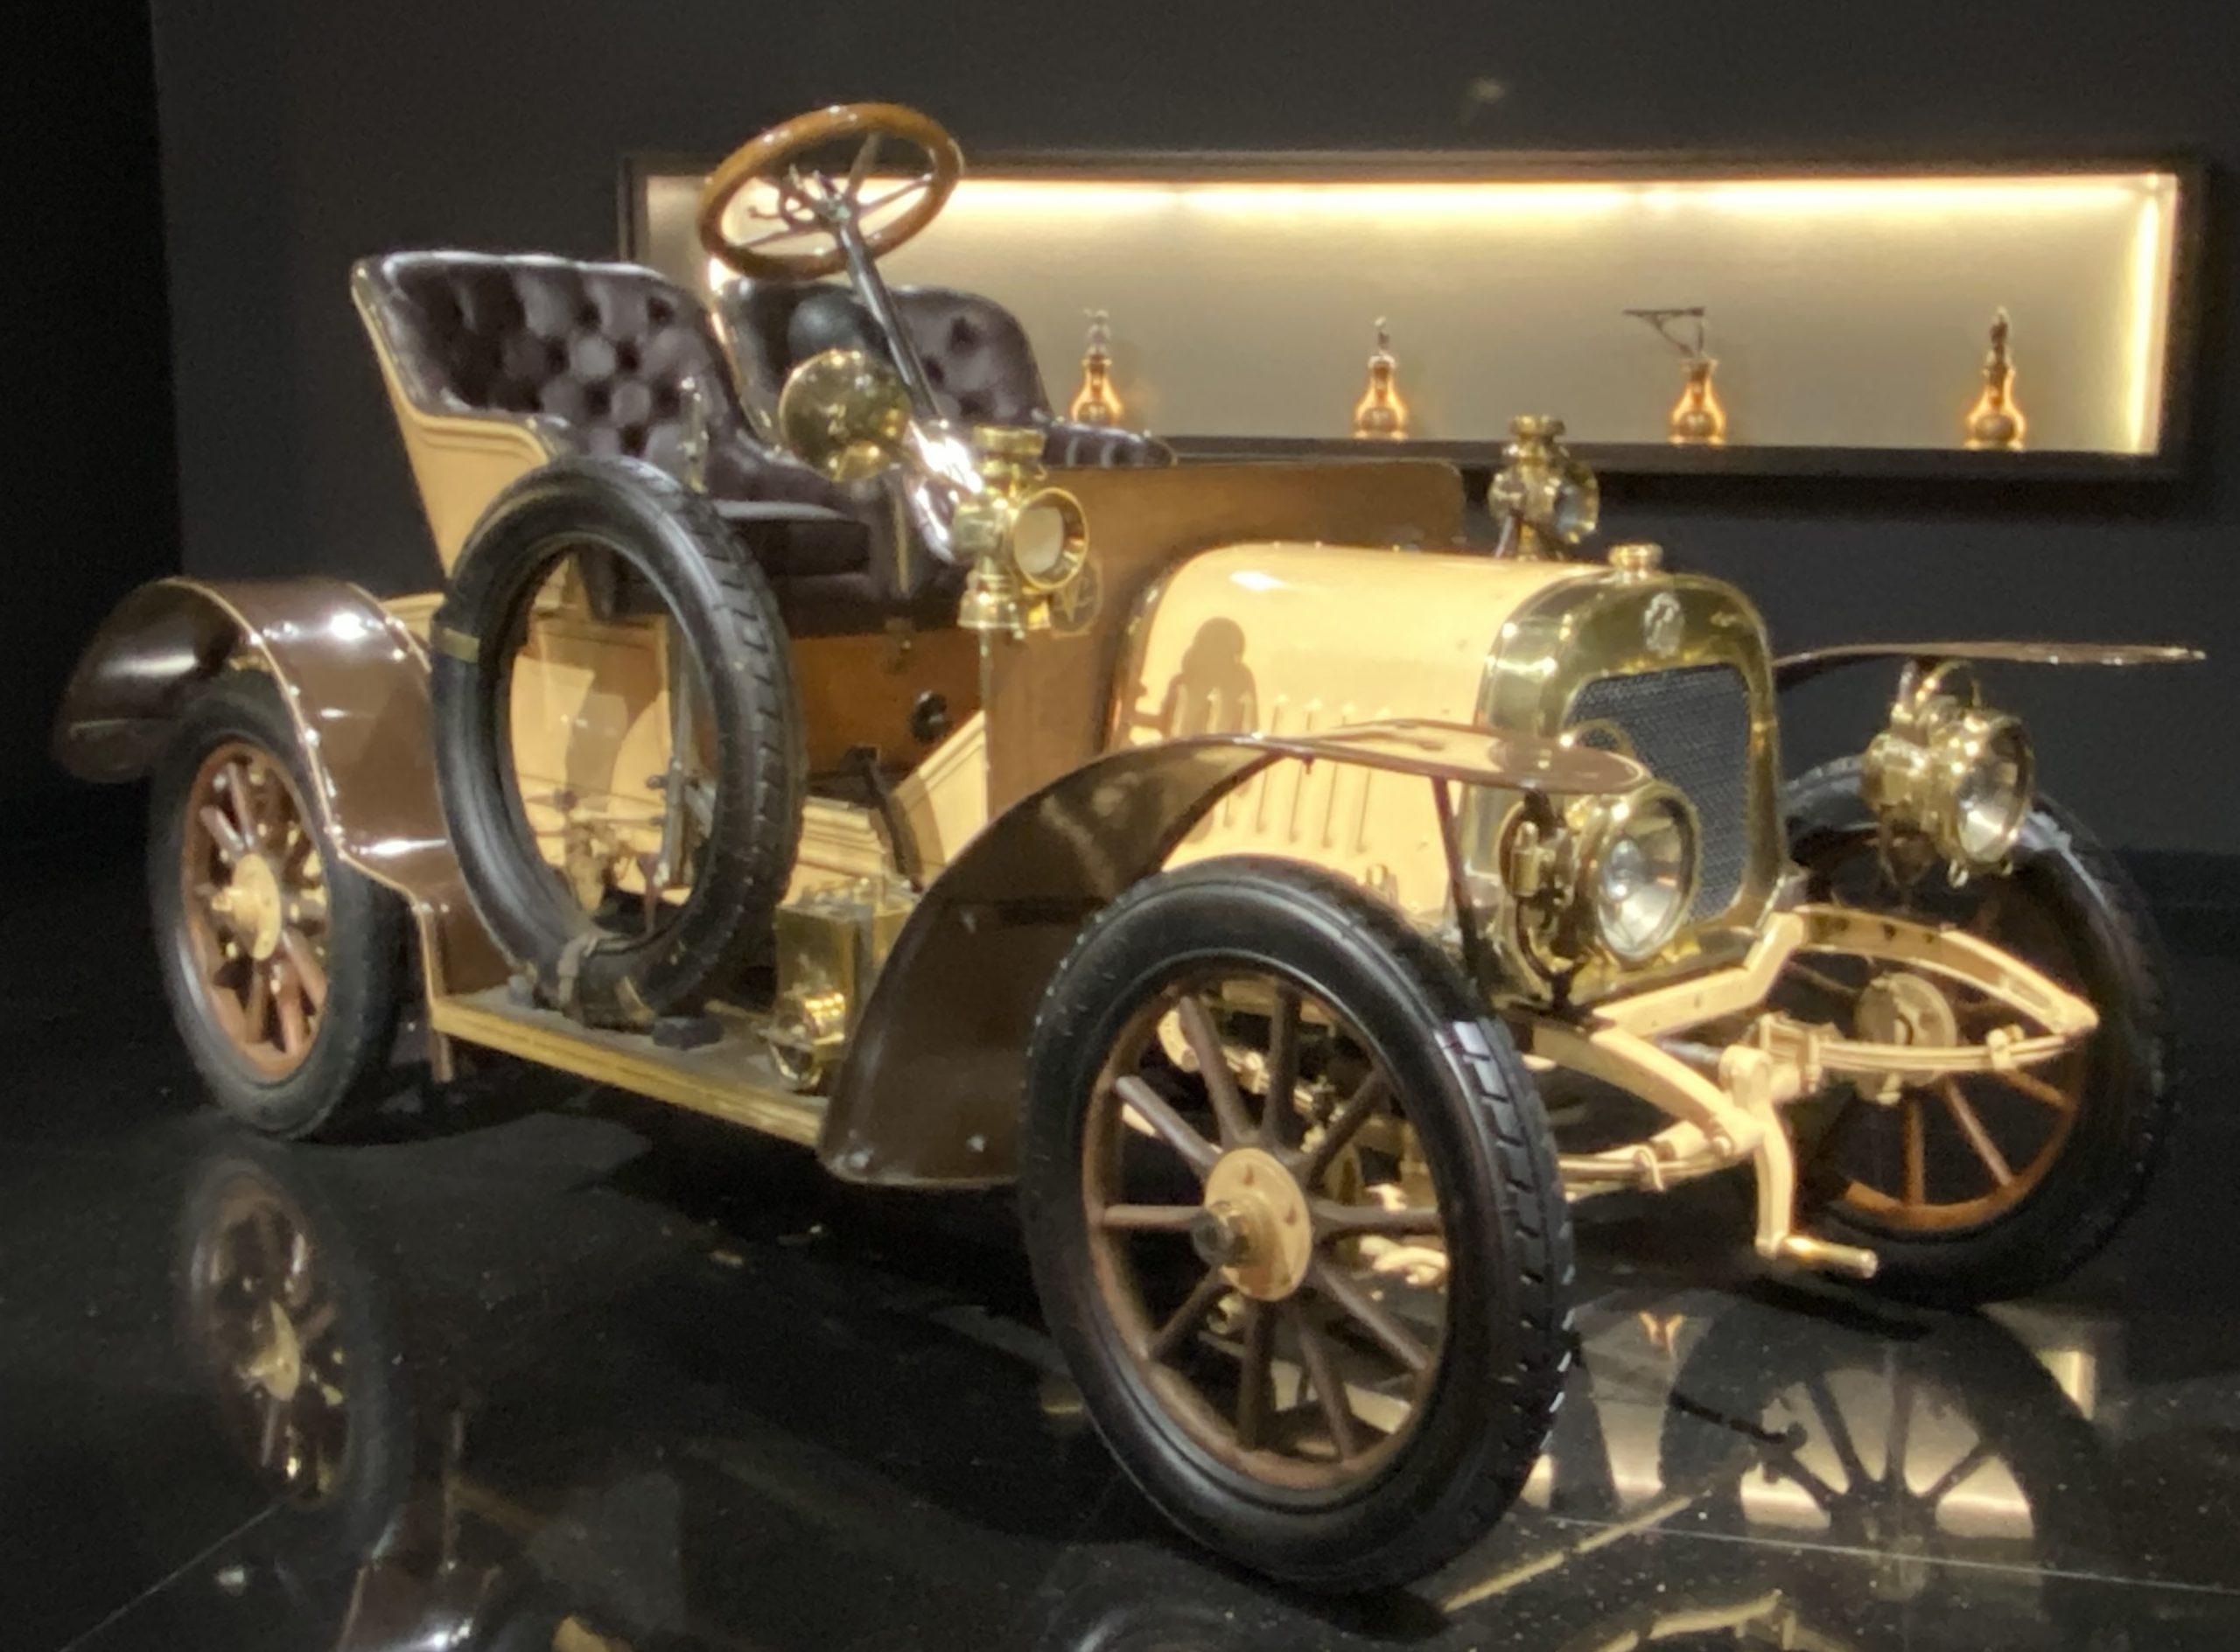 1906年ライオン・プジョータイプVA-1906 Lion・Peugeot Type VA-常設展-三和老爺車博物館-成都市-四川省